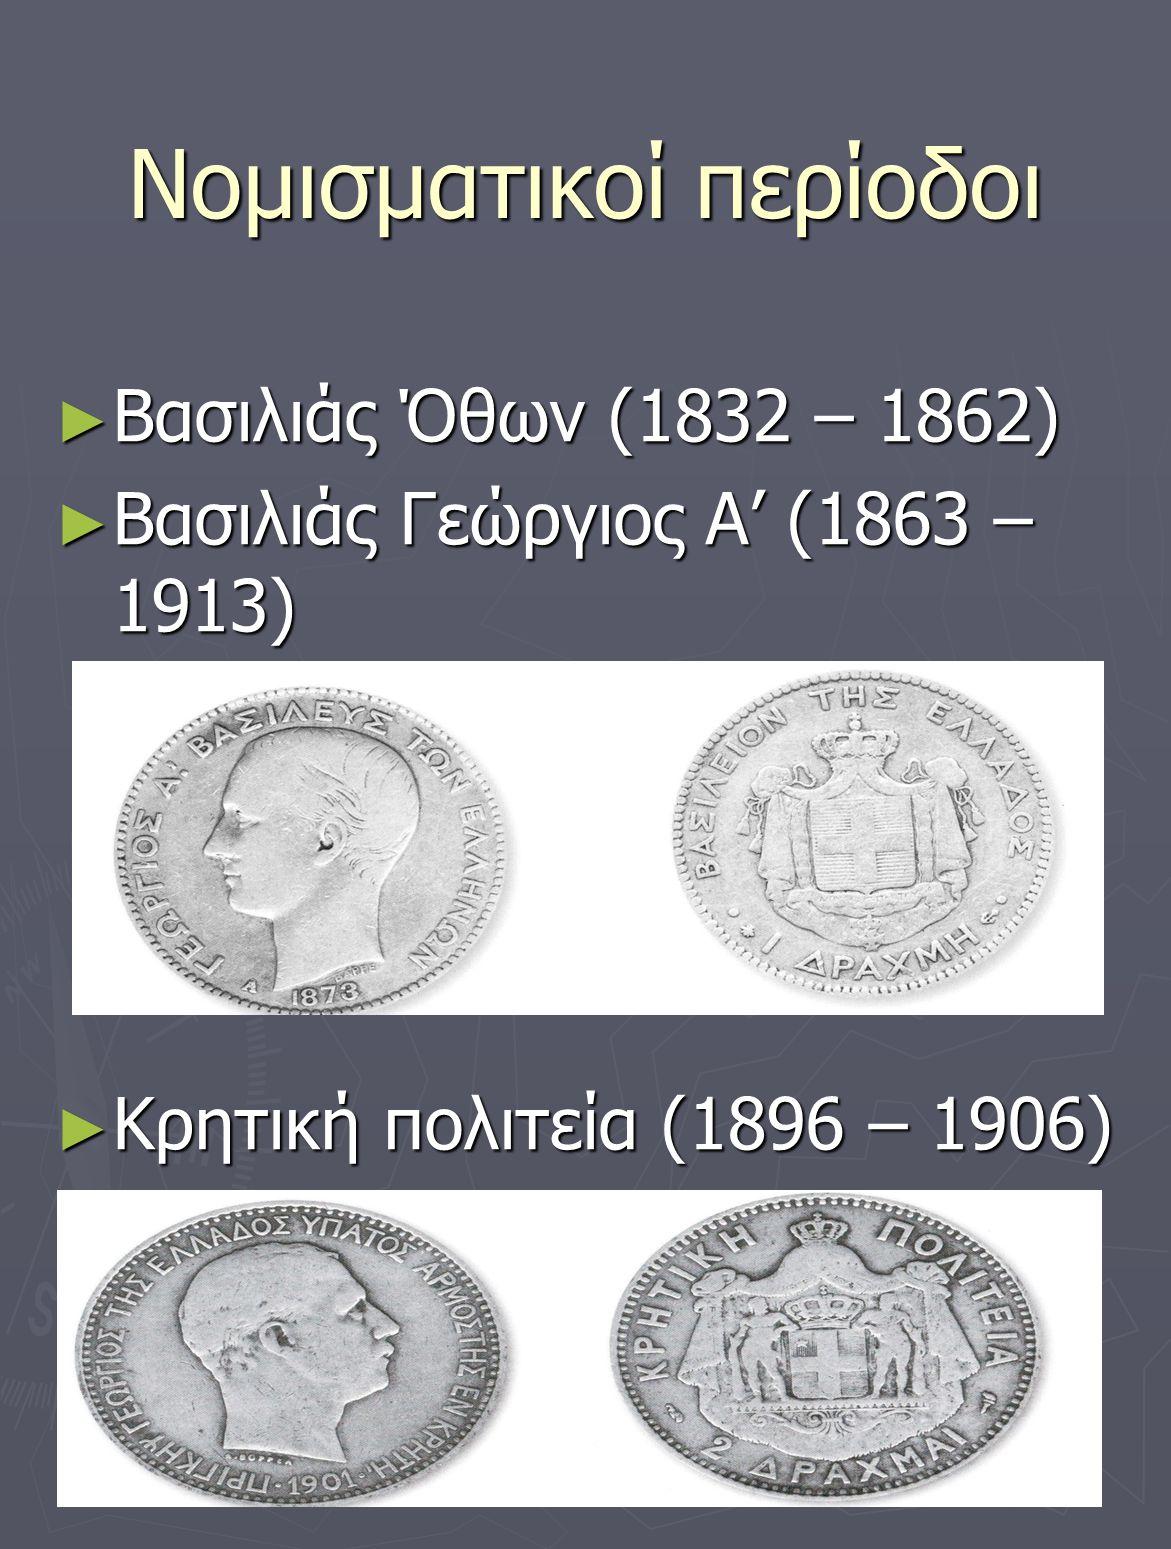 ► Βασιλιάς Κωνσταντίνος Α' (1913 – 1917 και 1920 – 1922) ► Βασιλιάς Γεώργιος Β' (1922 – 1923 και 1935 – 1947) ► Α Ελληνική Δημοκρατία (1924 – 1935) ► Βασιλιάς Παύλος (1947 – 1964) ► Βασιλιάς Κωνσταντίνος Β' (1964 – 1970)